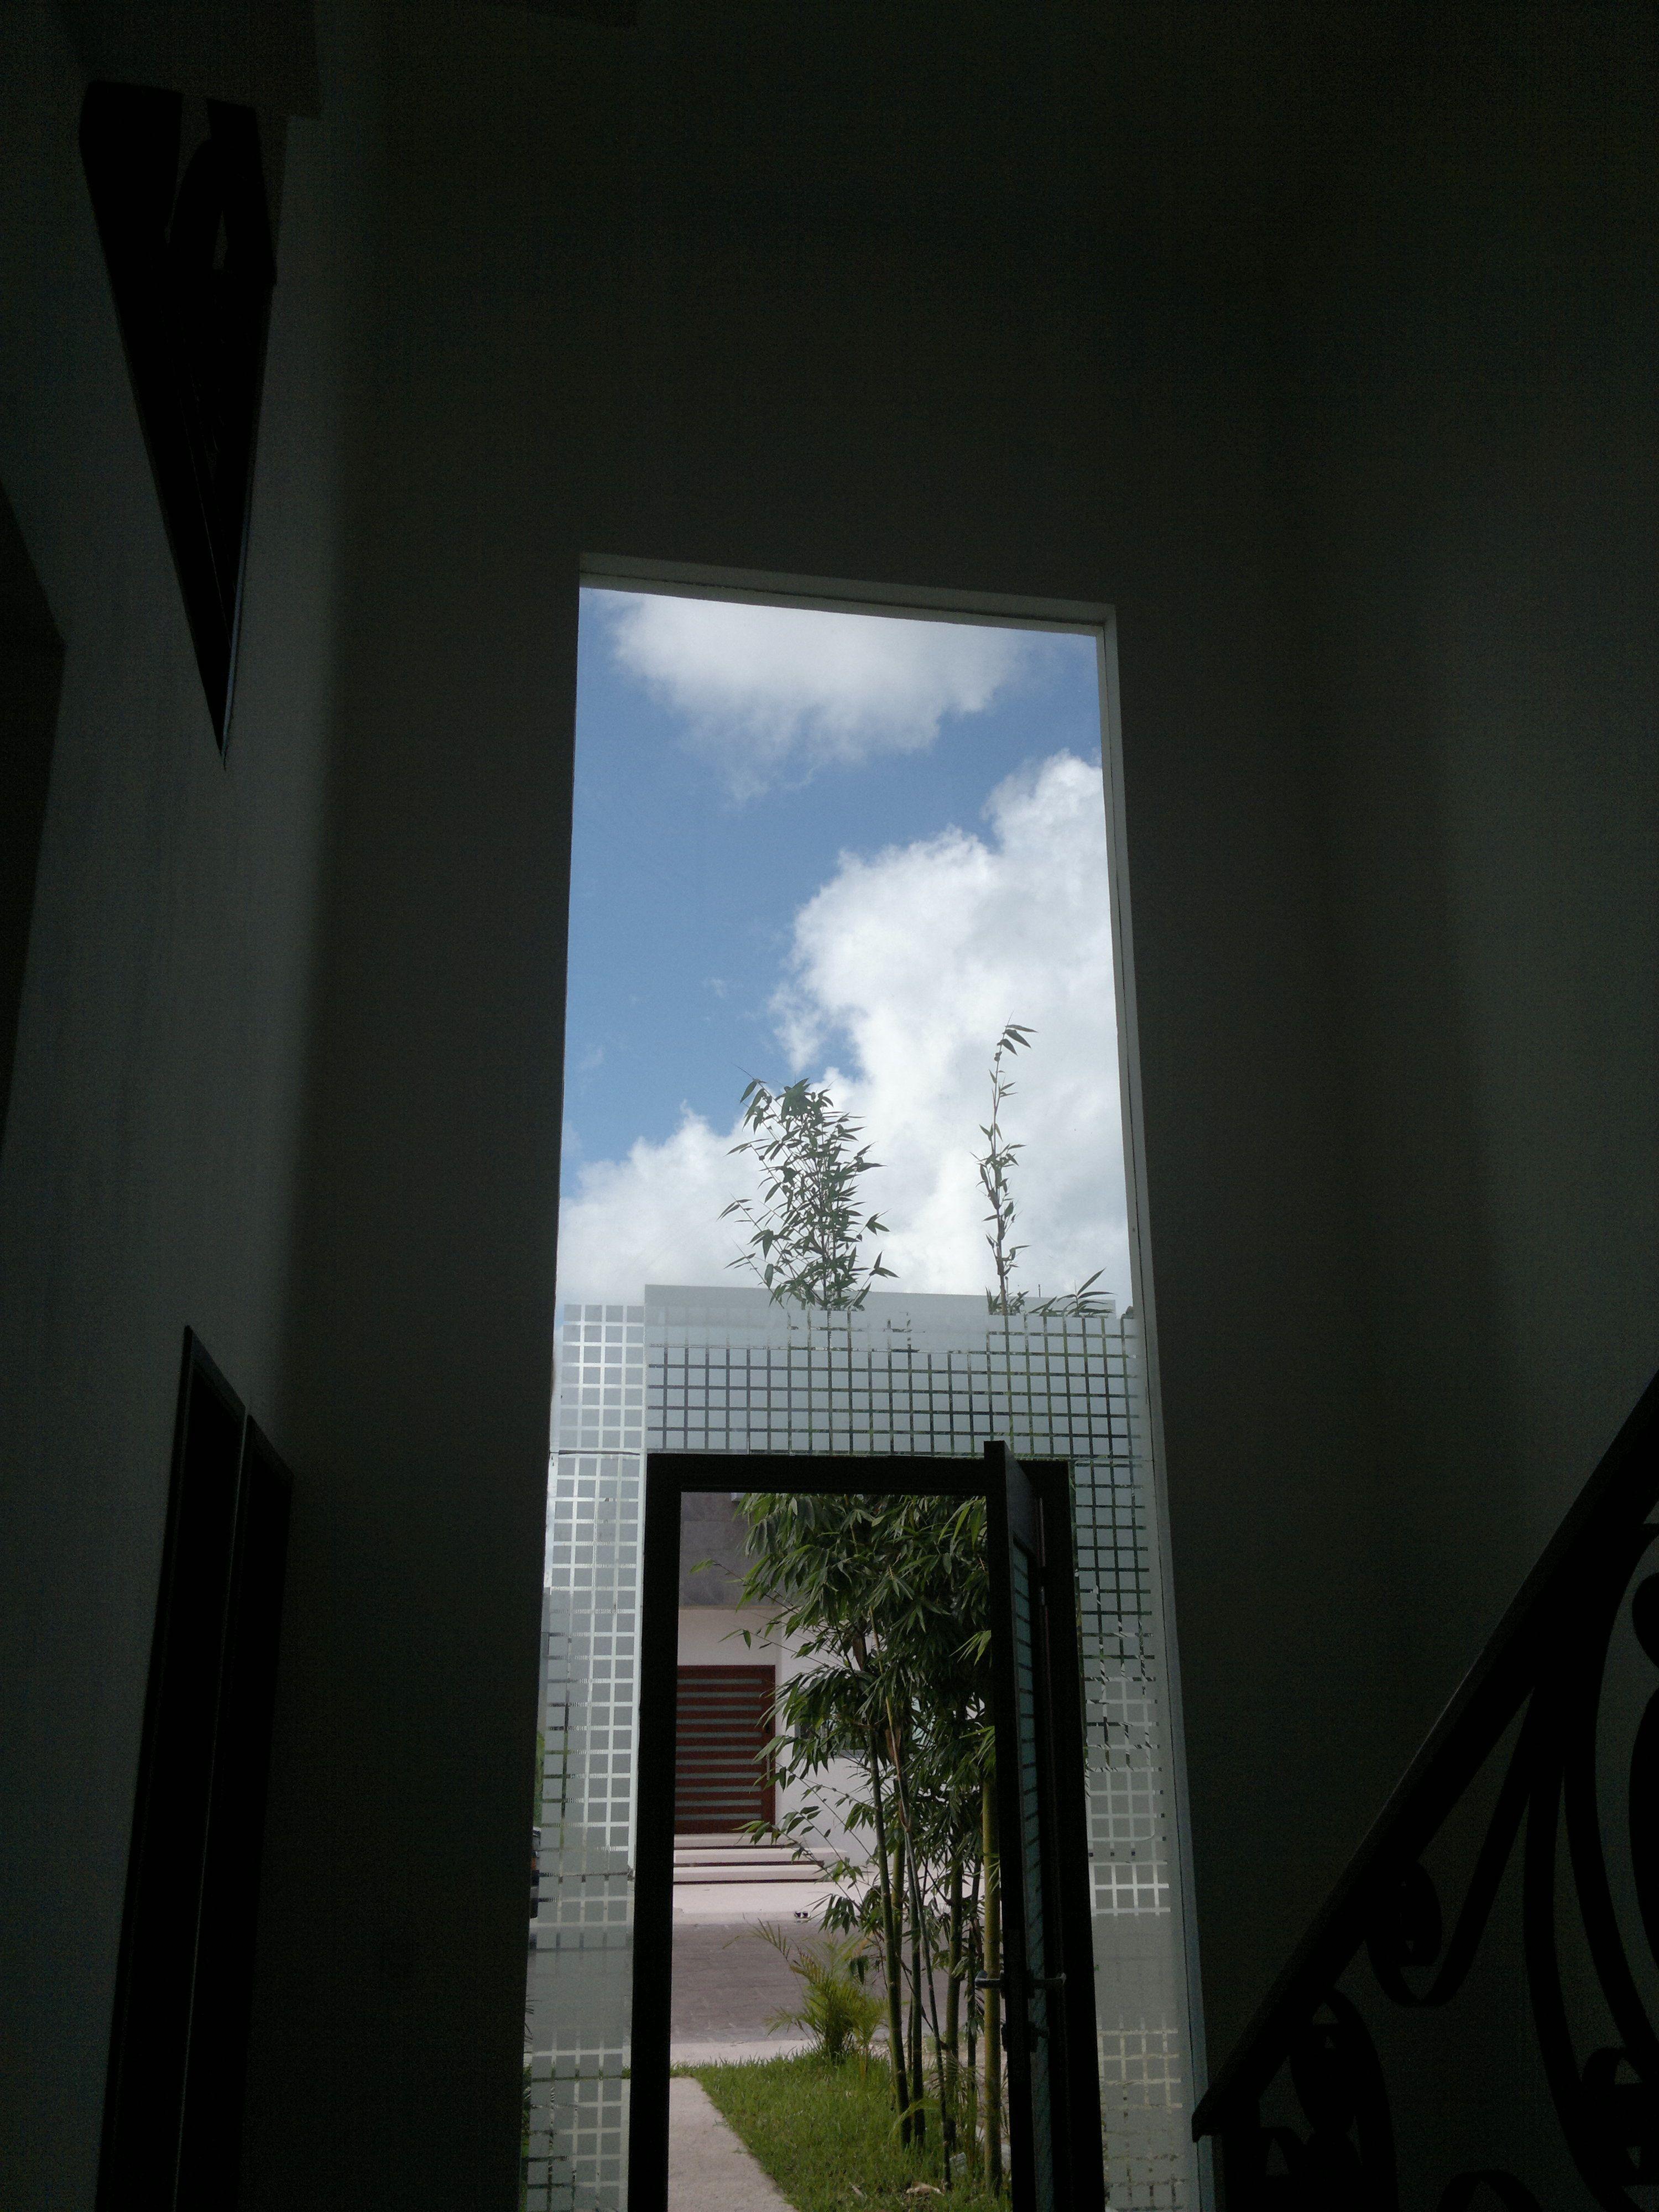 Galería de Air dwelling 1 / Marcela Carranza Vargas 3